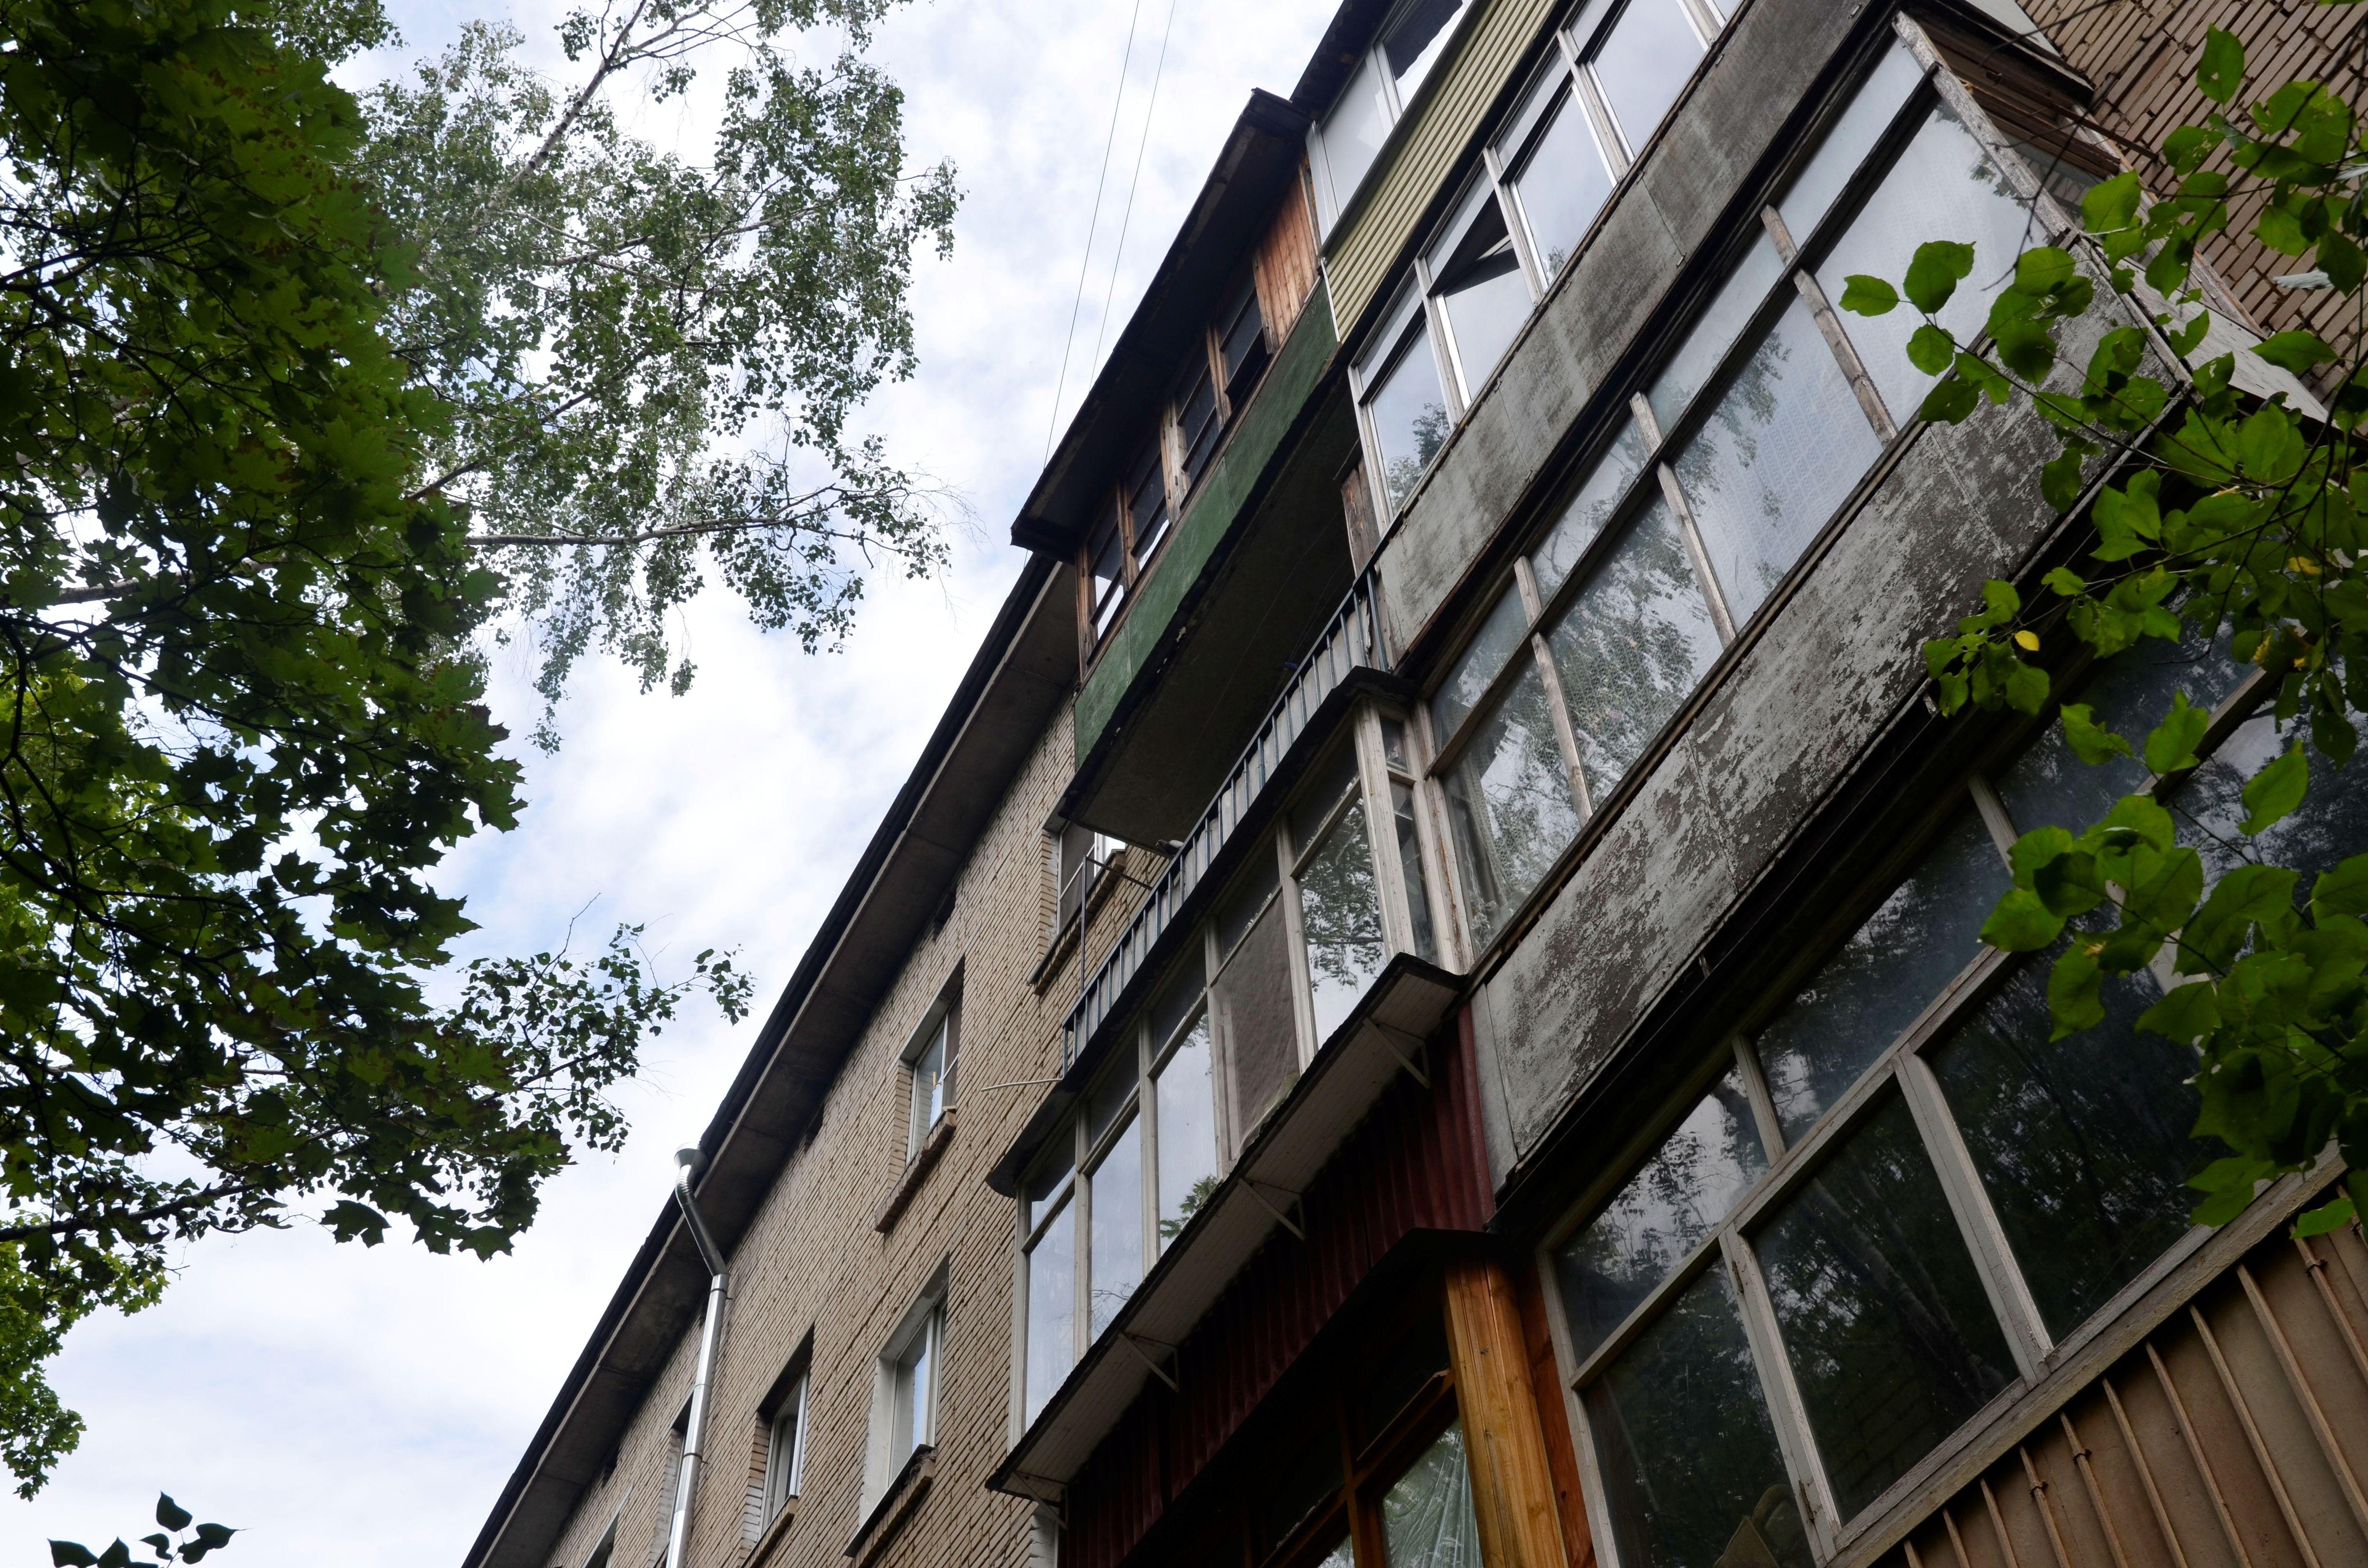 Капитальный ремонт подъездов дома завершили в Шишкином Лесу